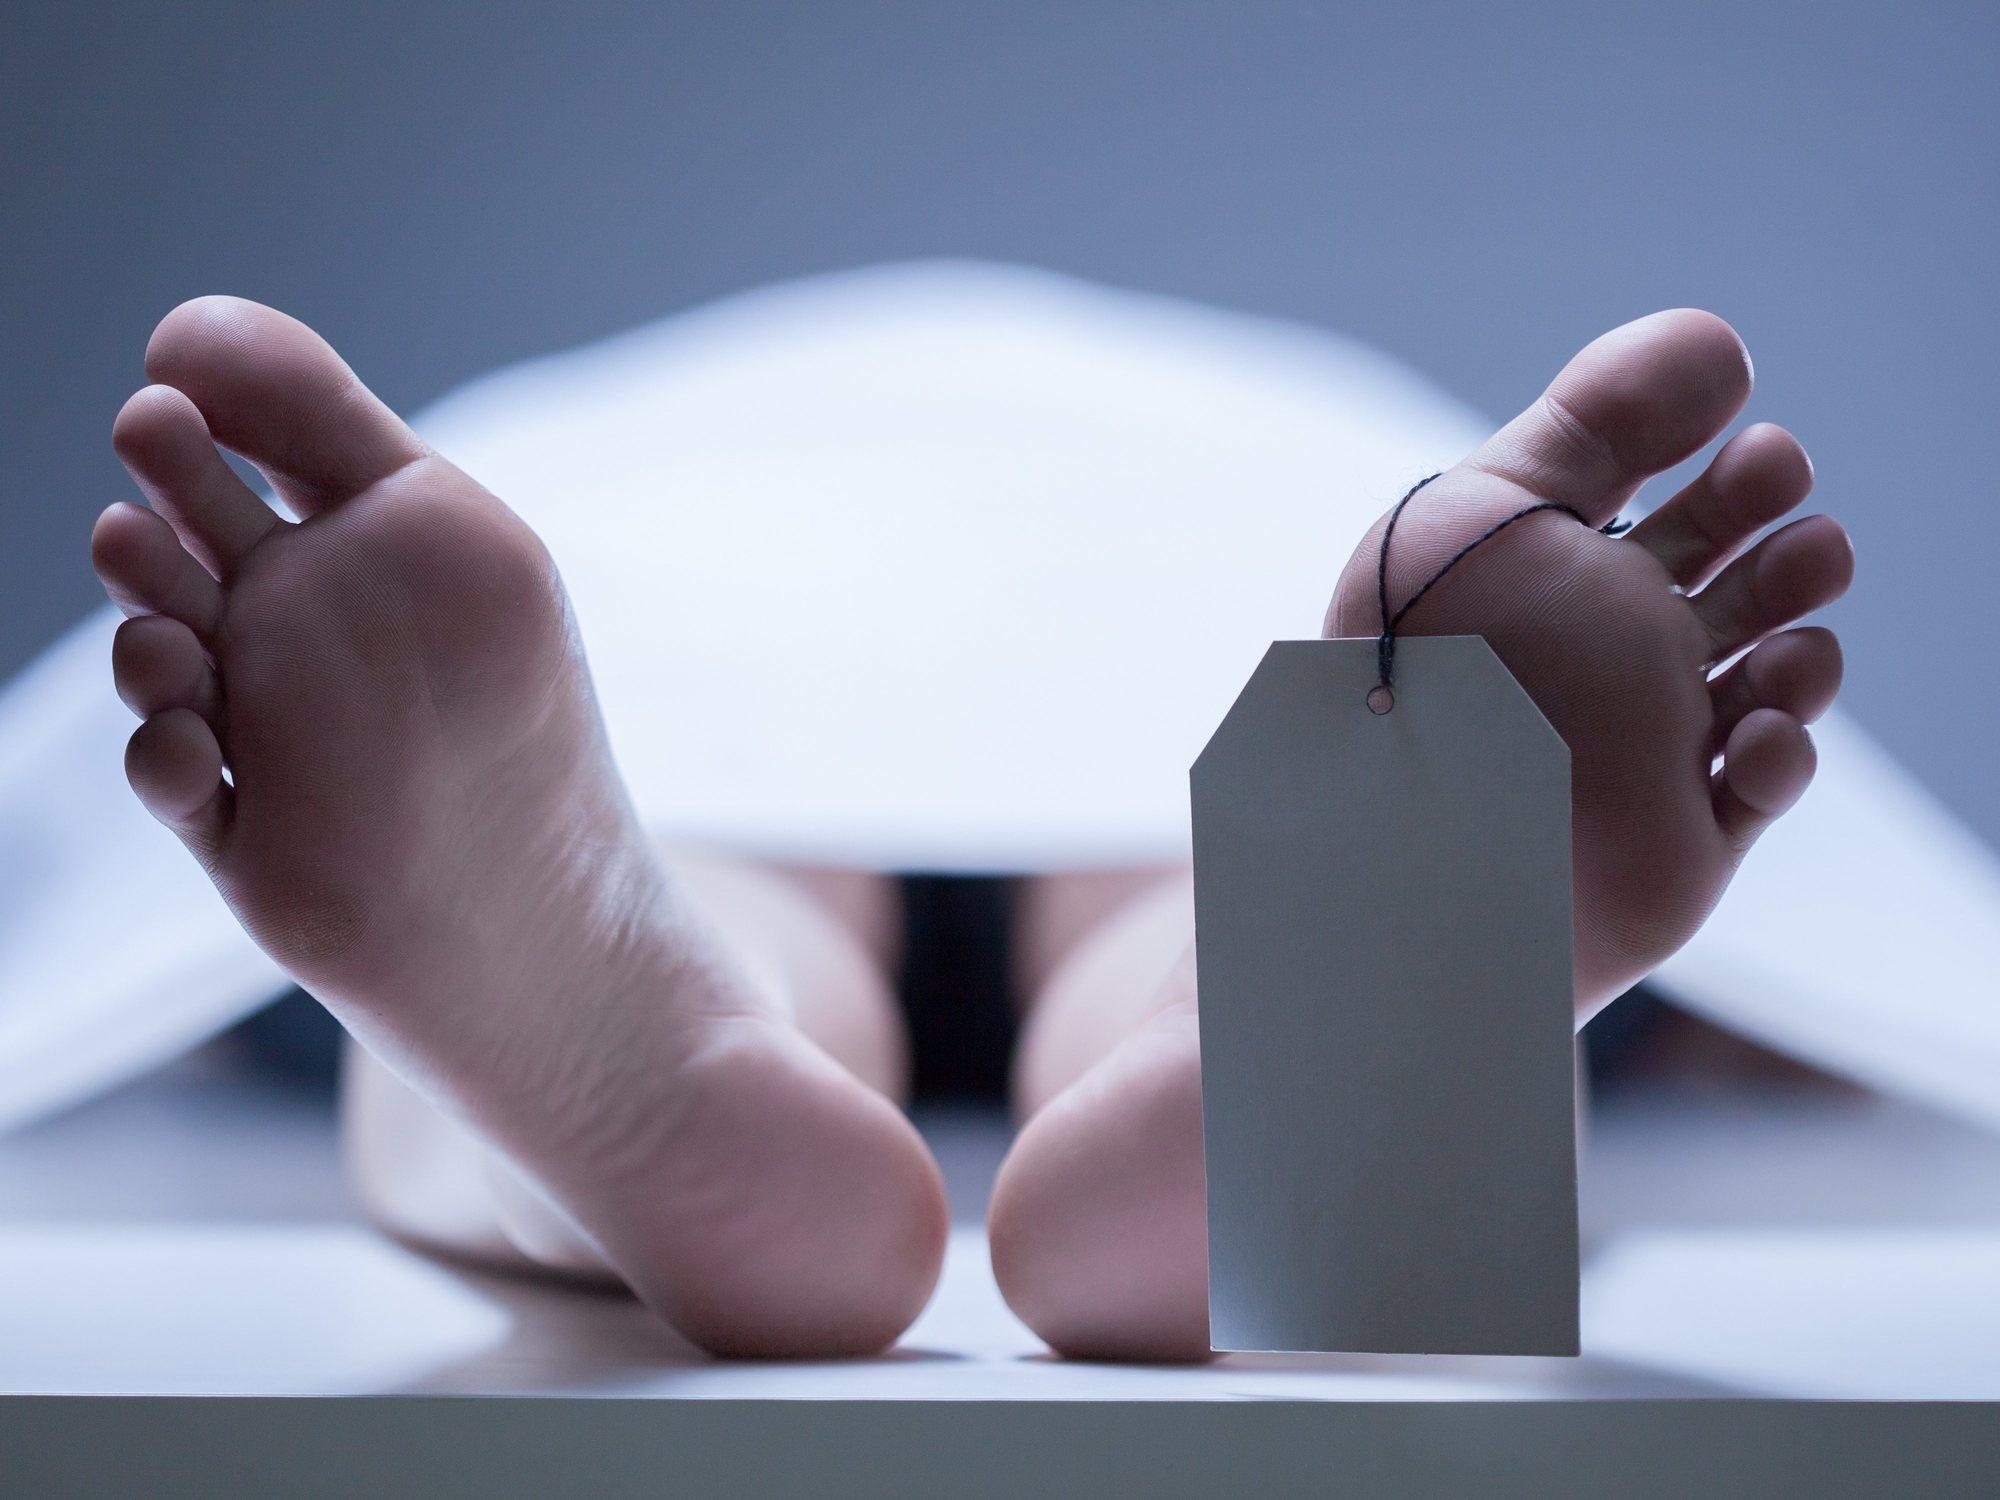 Los macabros juegos de un centro de donación: cuerpos de hombres con cabezas de mujeres